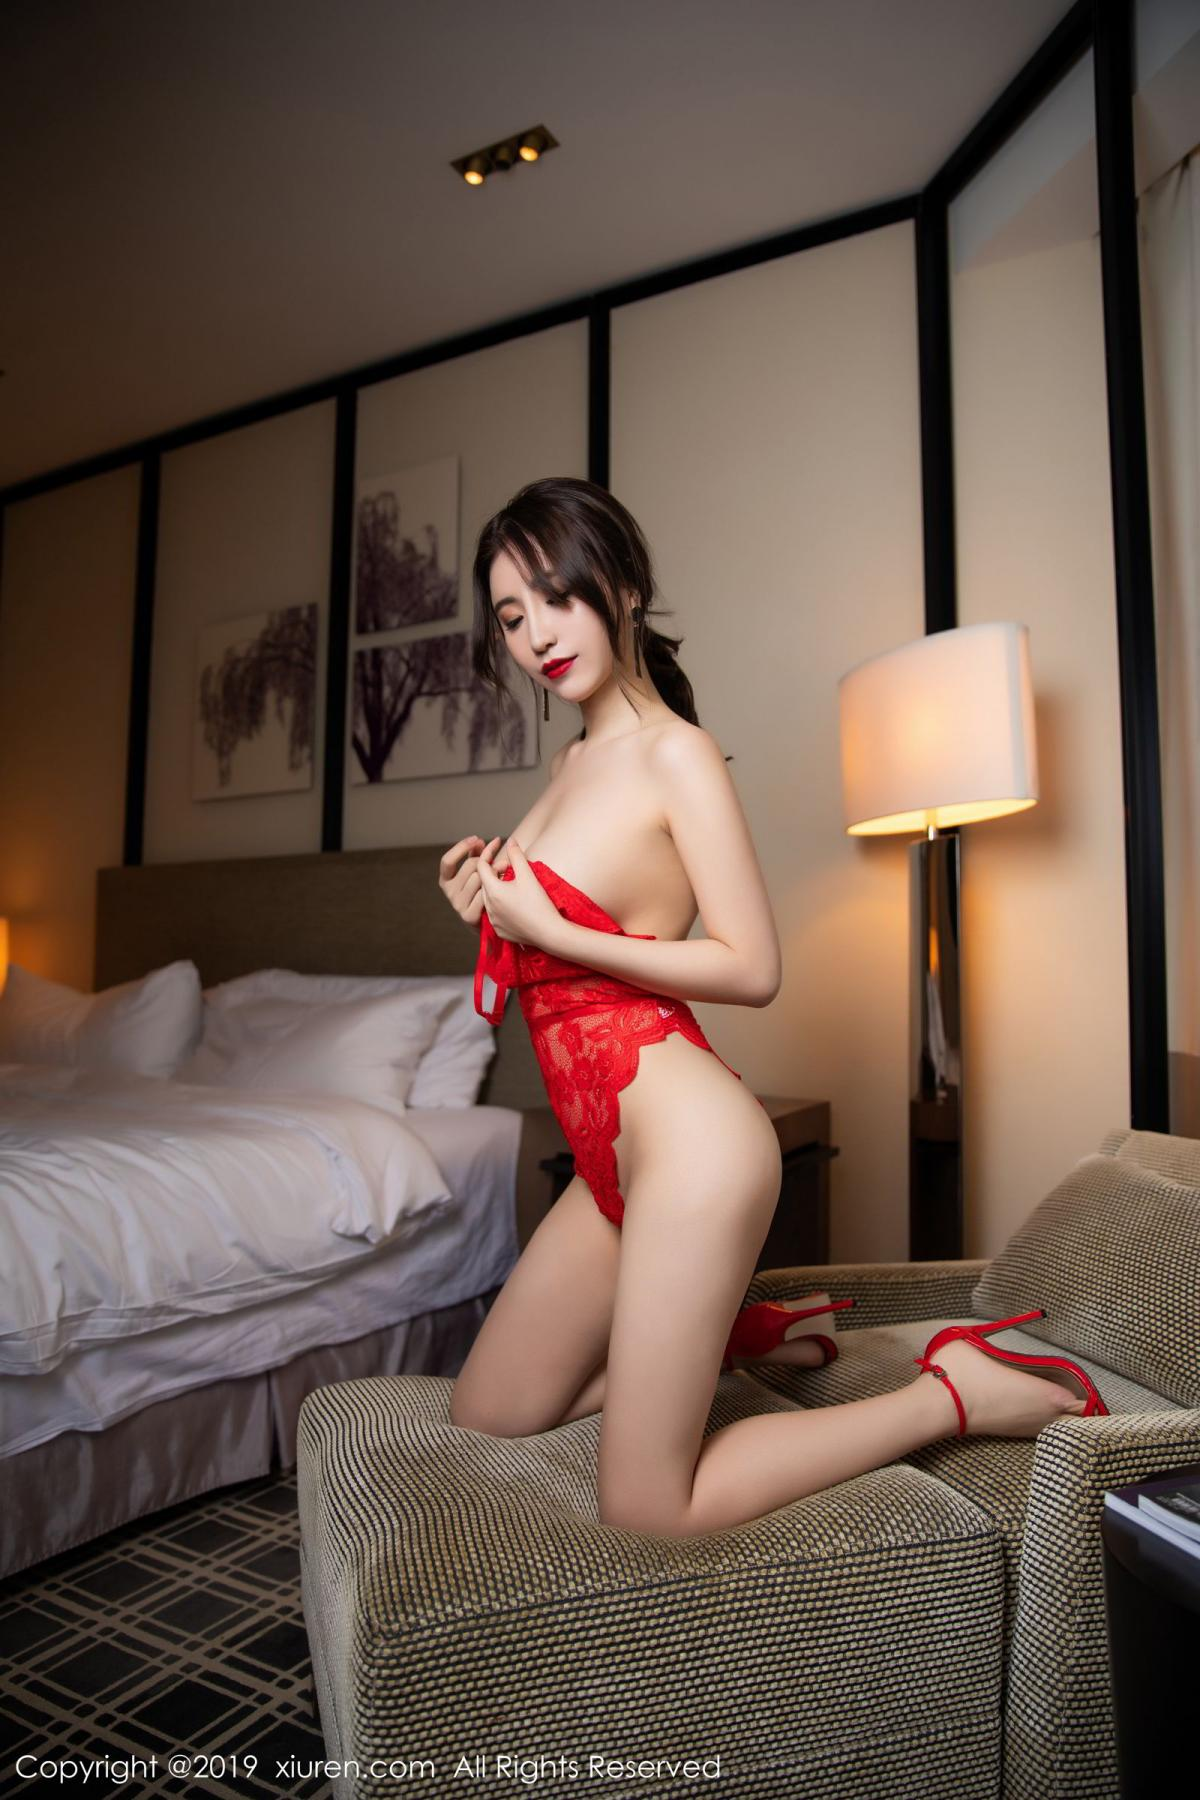 [XiuRen] Vol.1589 Xie Zhi Xin 17P, Sexy, Underwear, Xie Zhi Xin, Xiuren